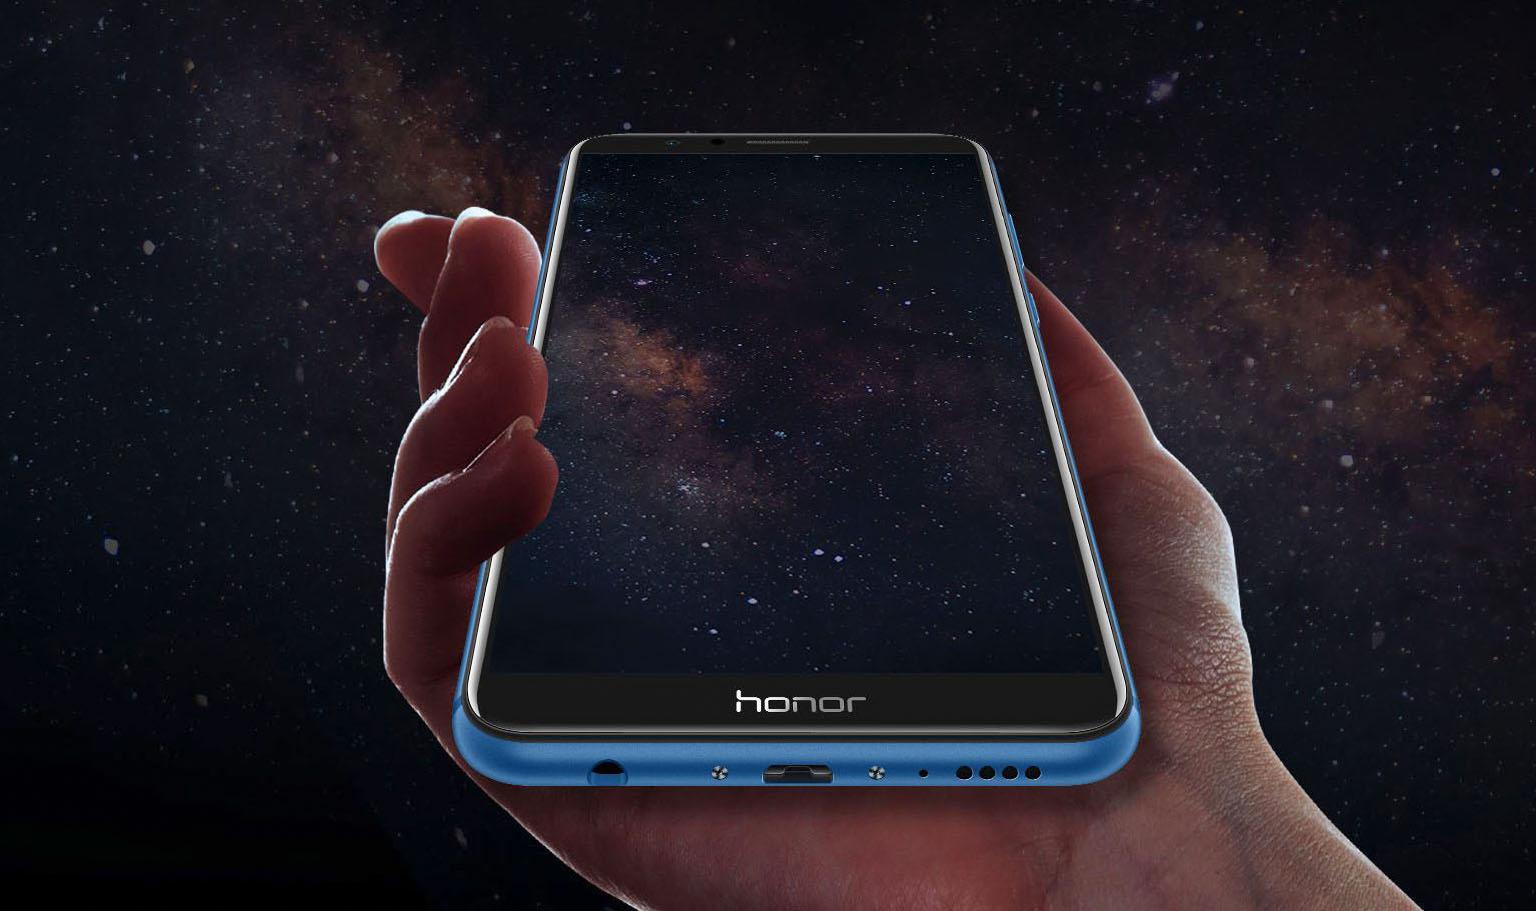 El Honor 7 ofrece un frontal todo pantalla con doble cámara y de aluminio por menos de 200 dólares.